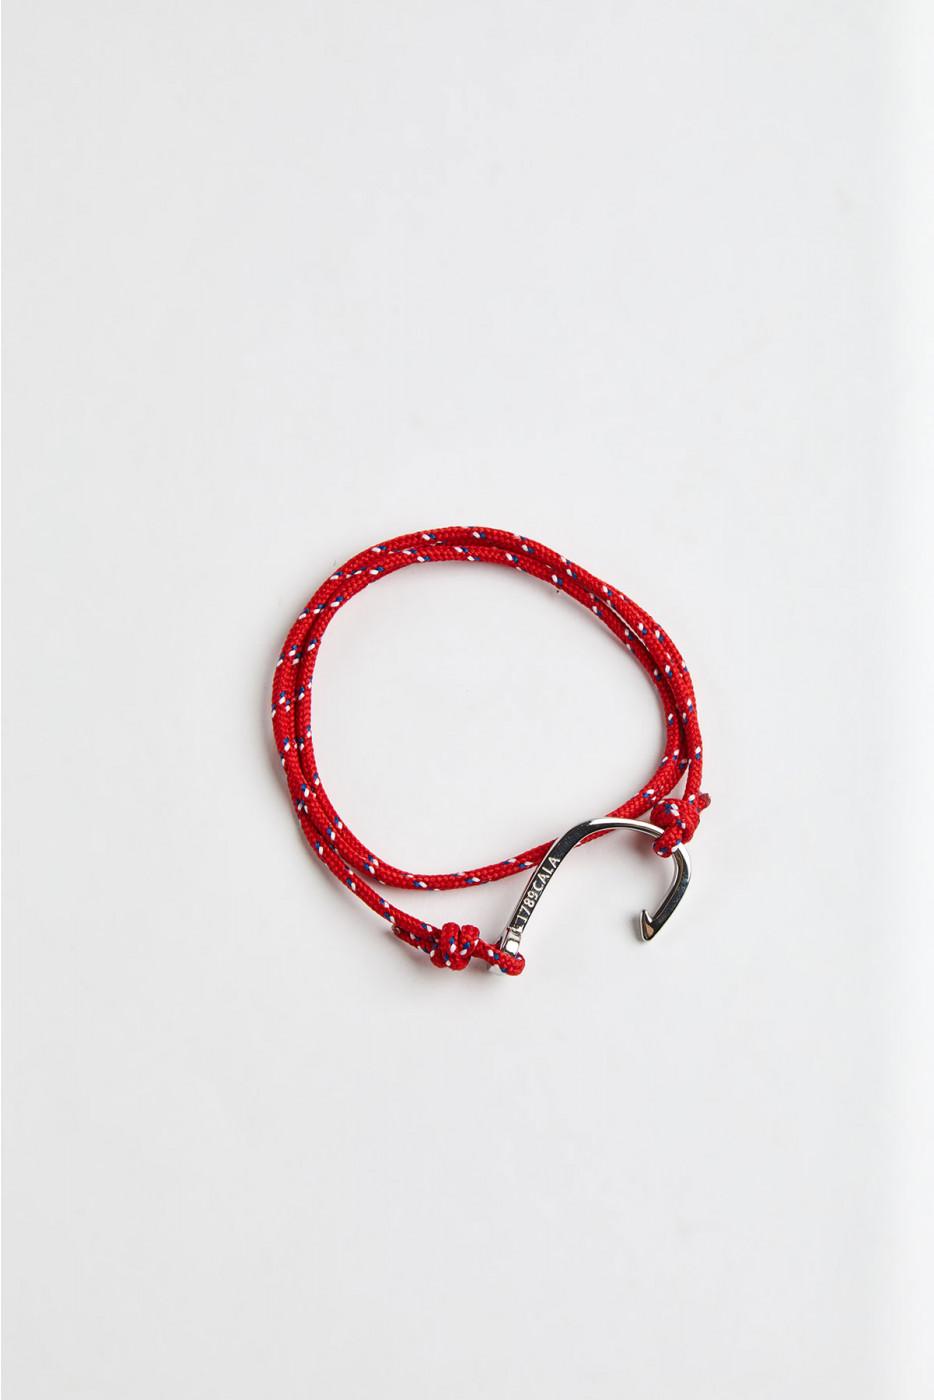 Bracelet Corde Rouge - HAMEÇON BRACELET